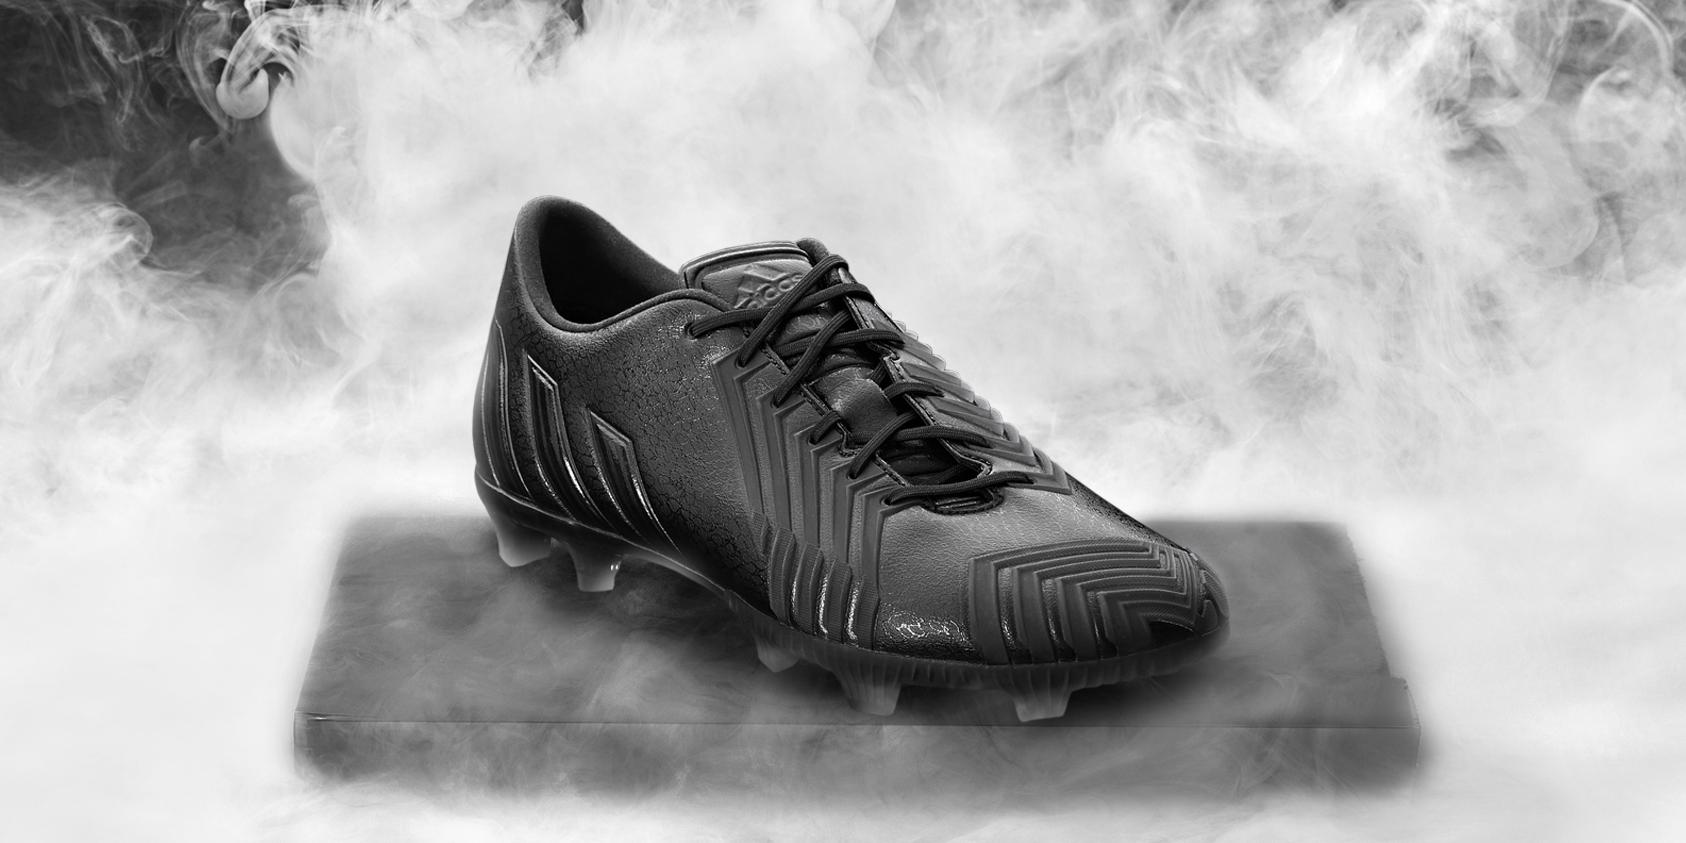 Adidas_Football_B&W_Predator_Black_Hero_04